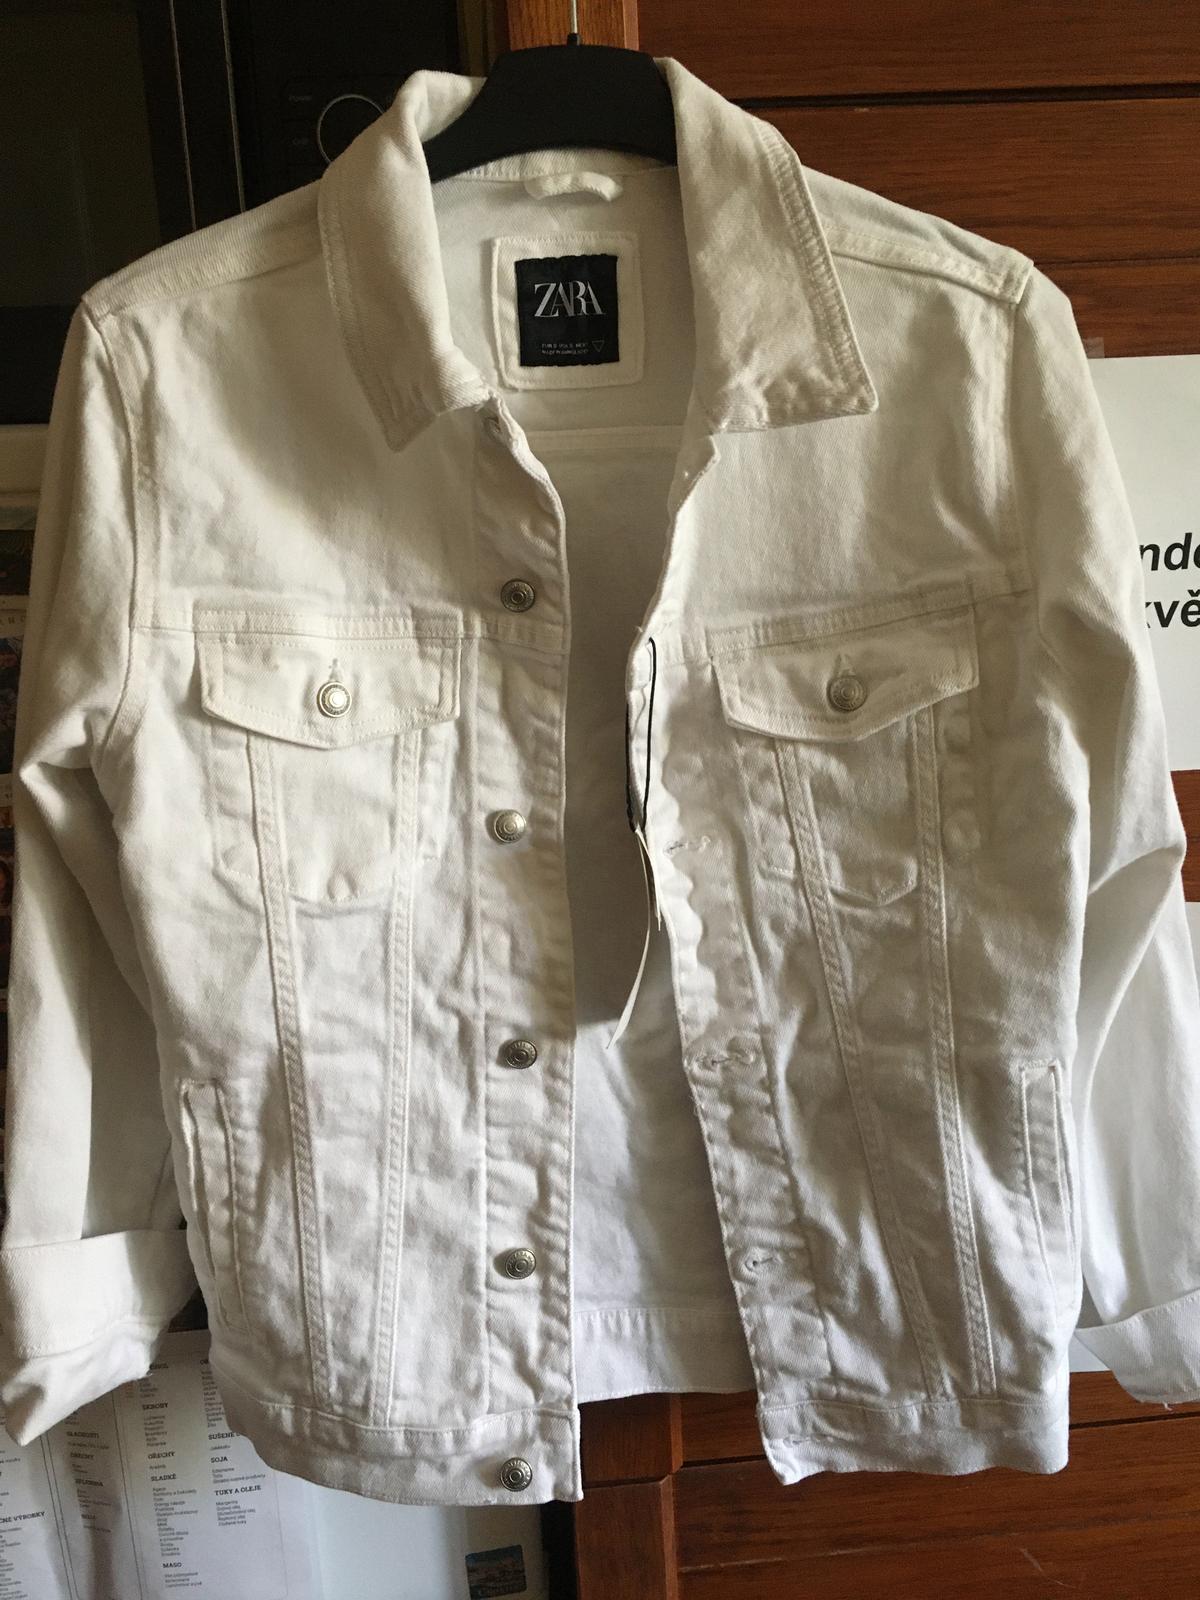 NOVÁ bílá džínsová bunda ZARA - Obrázek č. 1